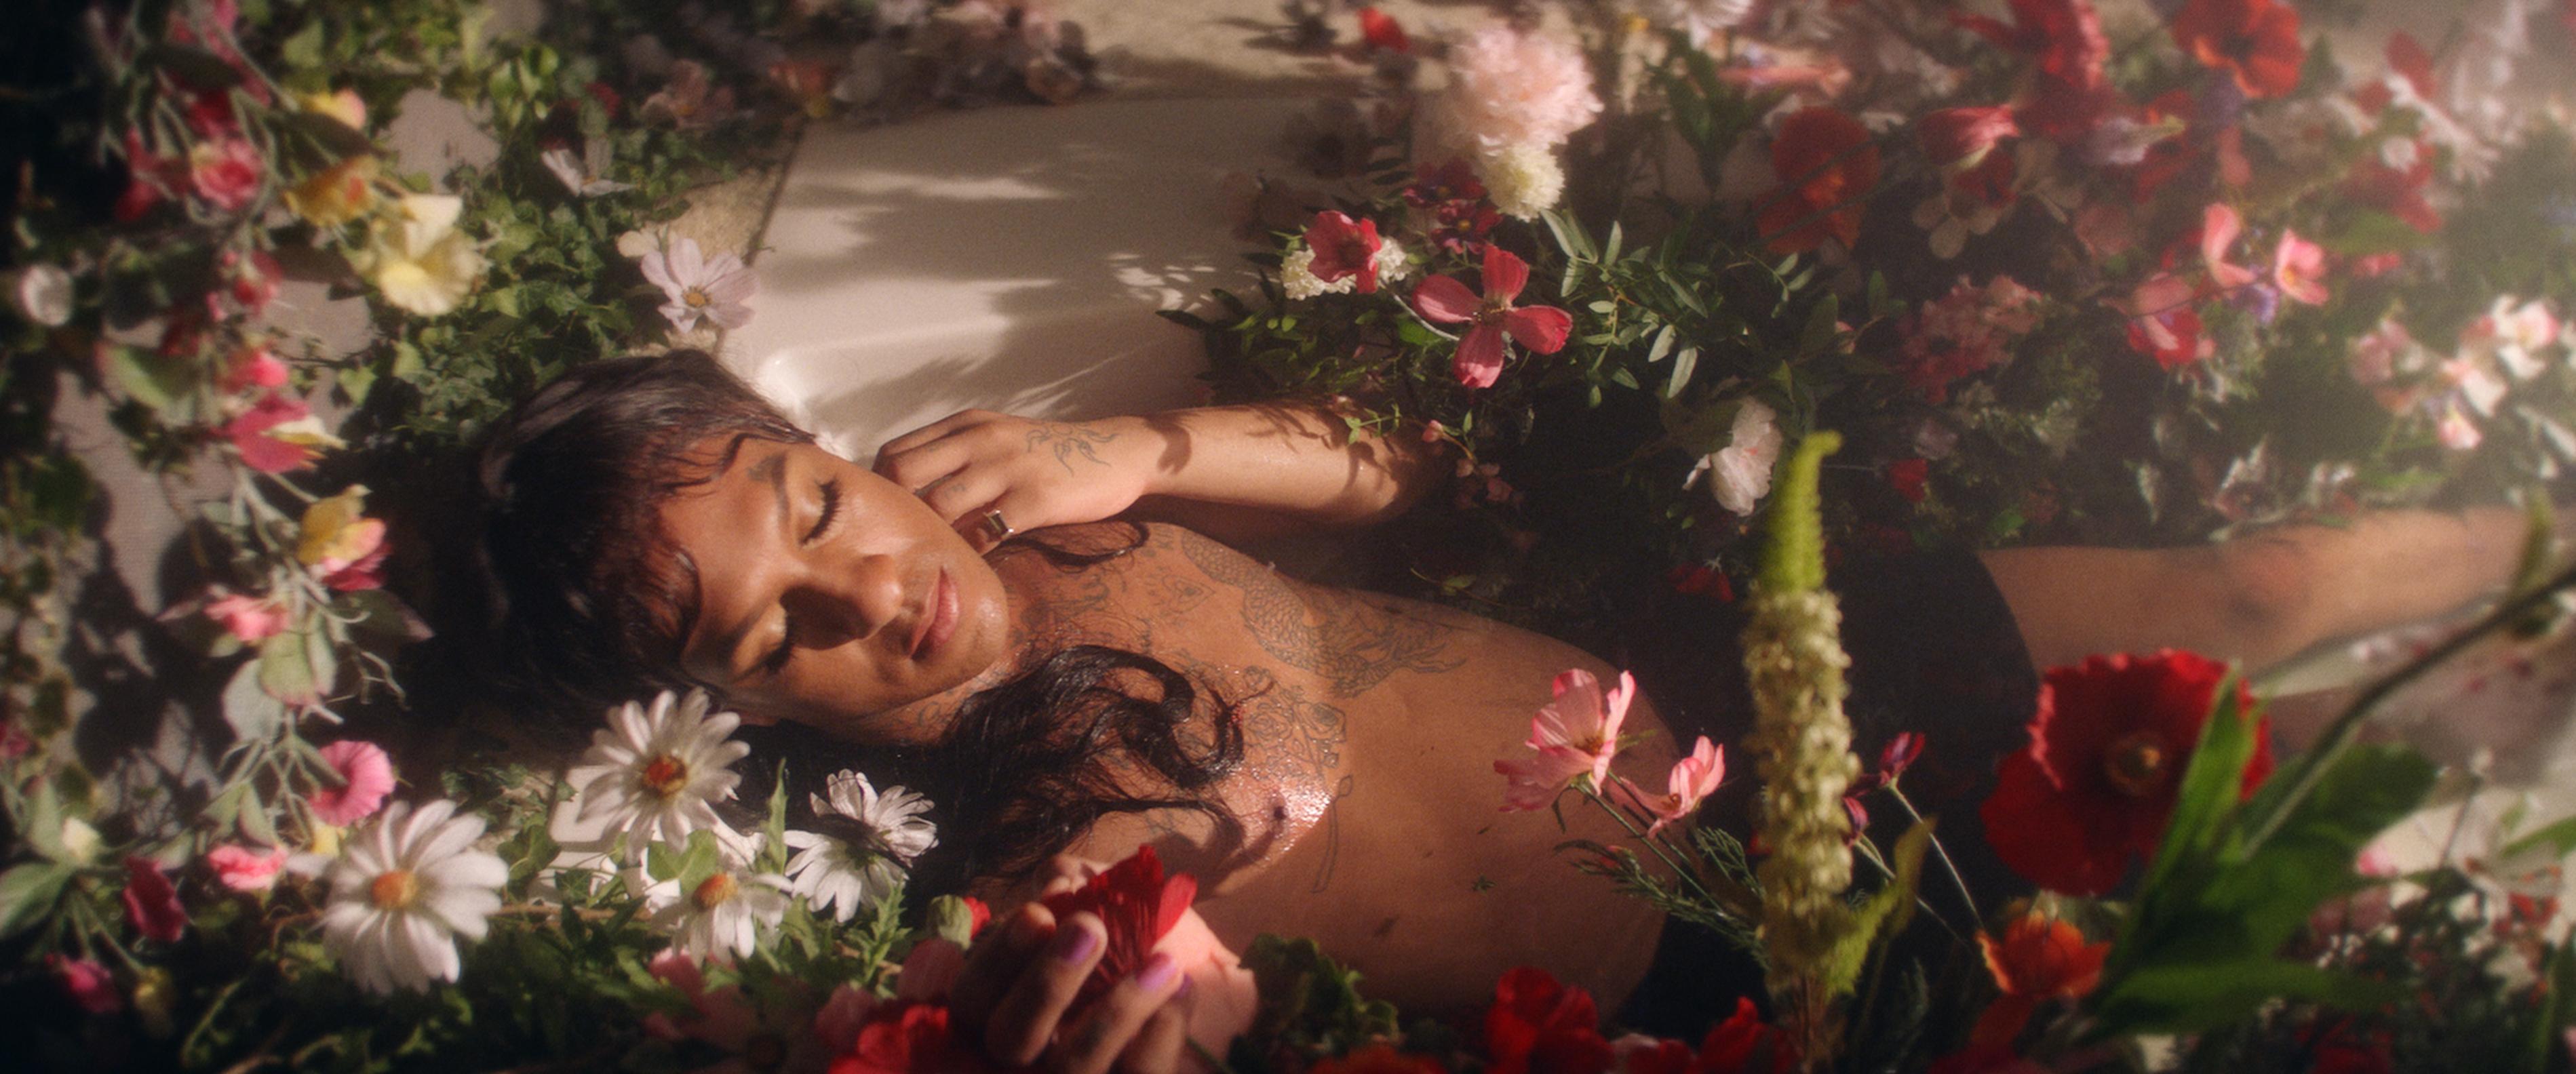 The Greatest Luxury- Hot Air Film by Mykki Blanco, Gareth Pugh & Holly Blakey